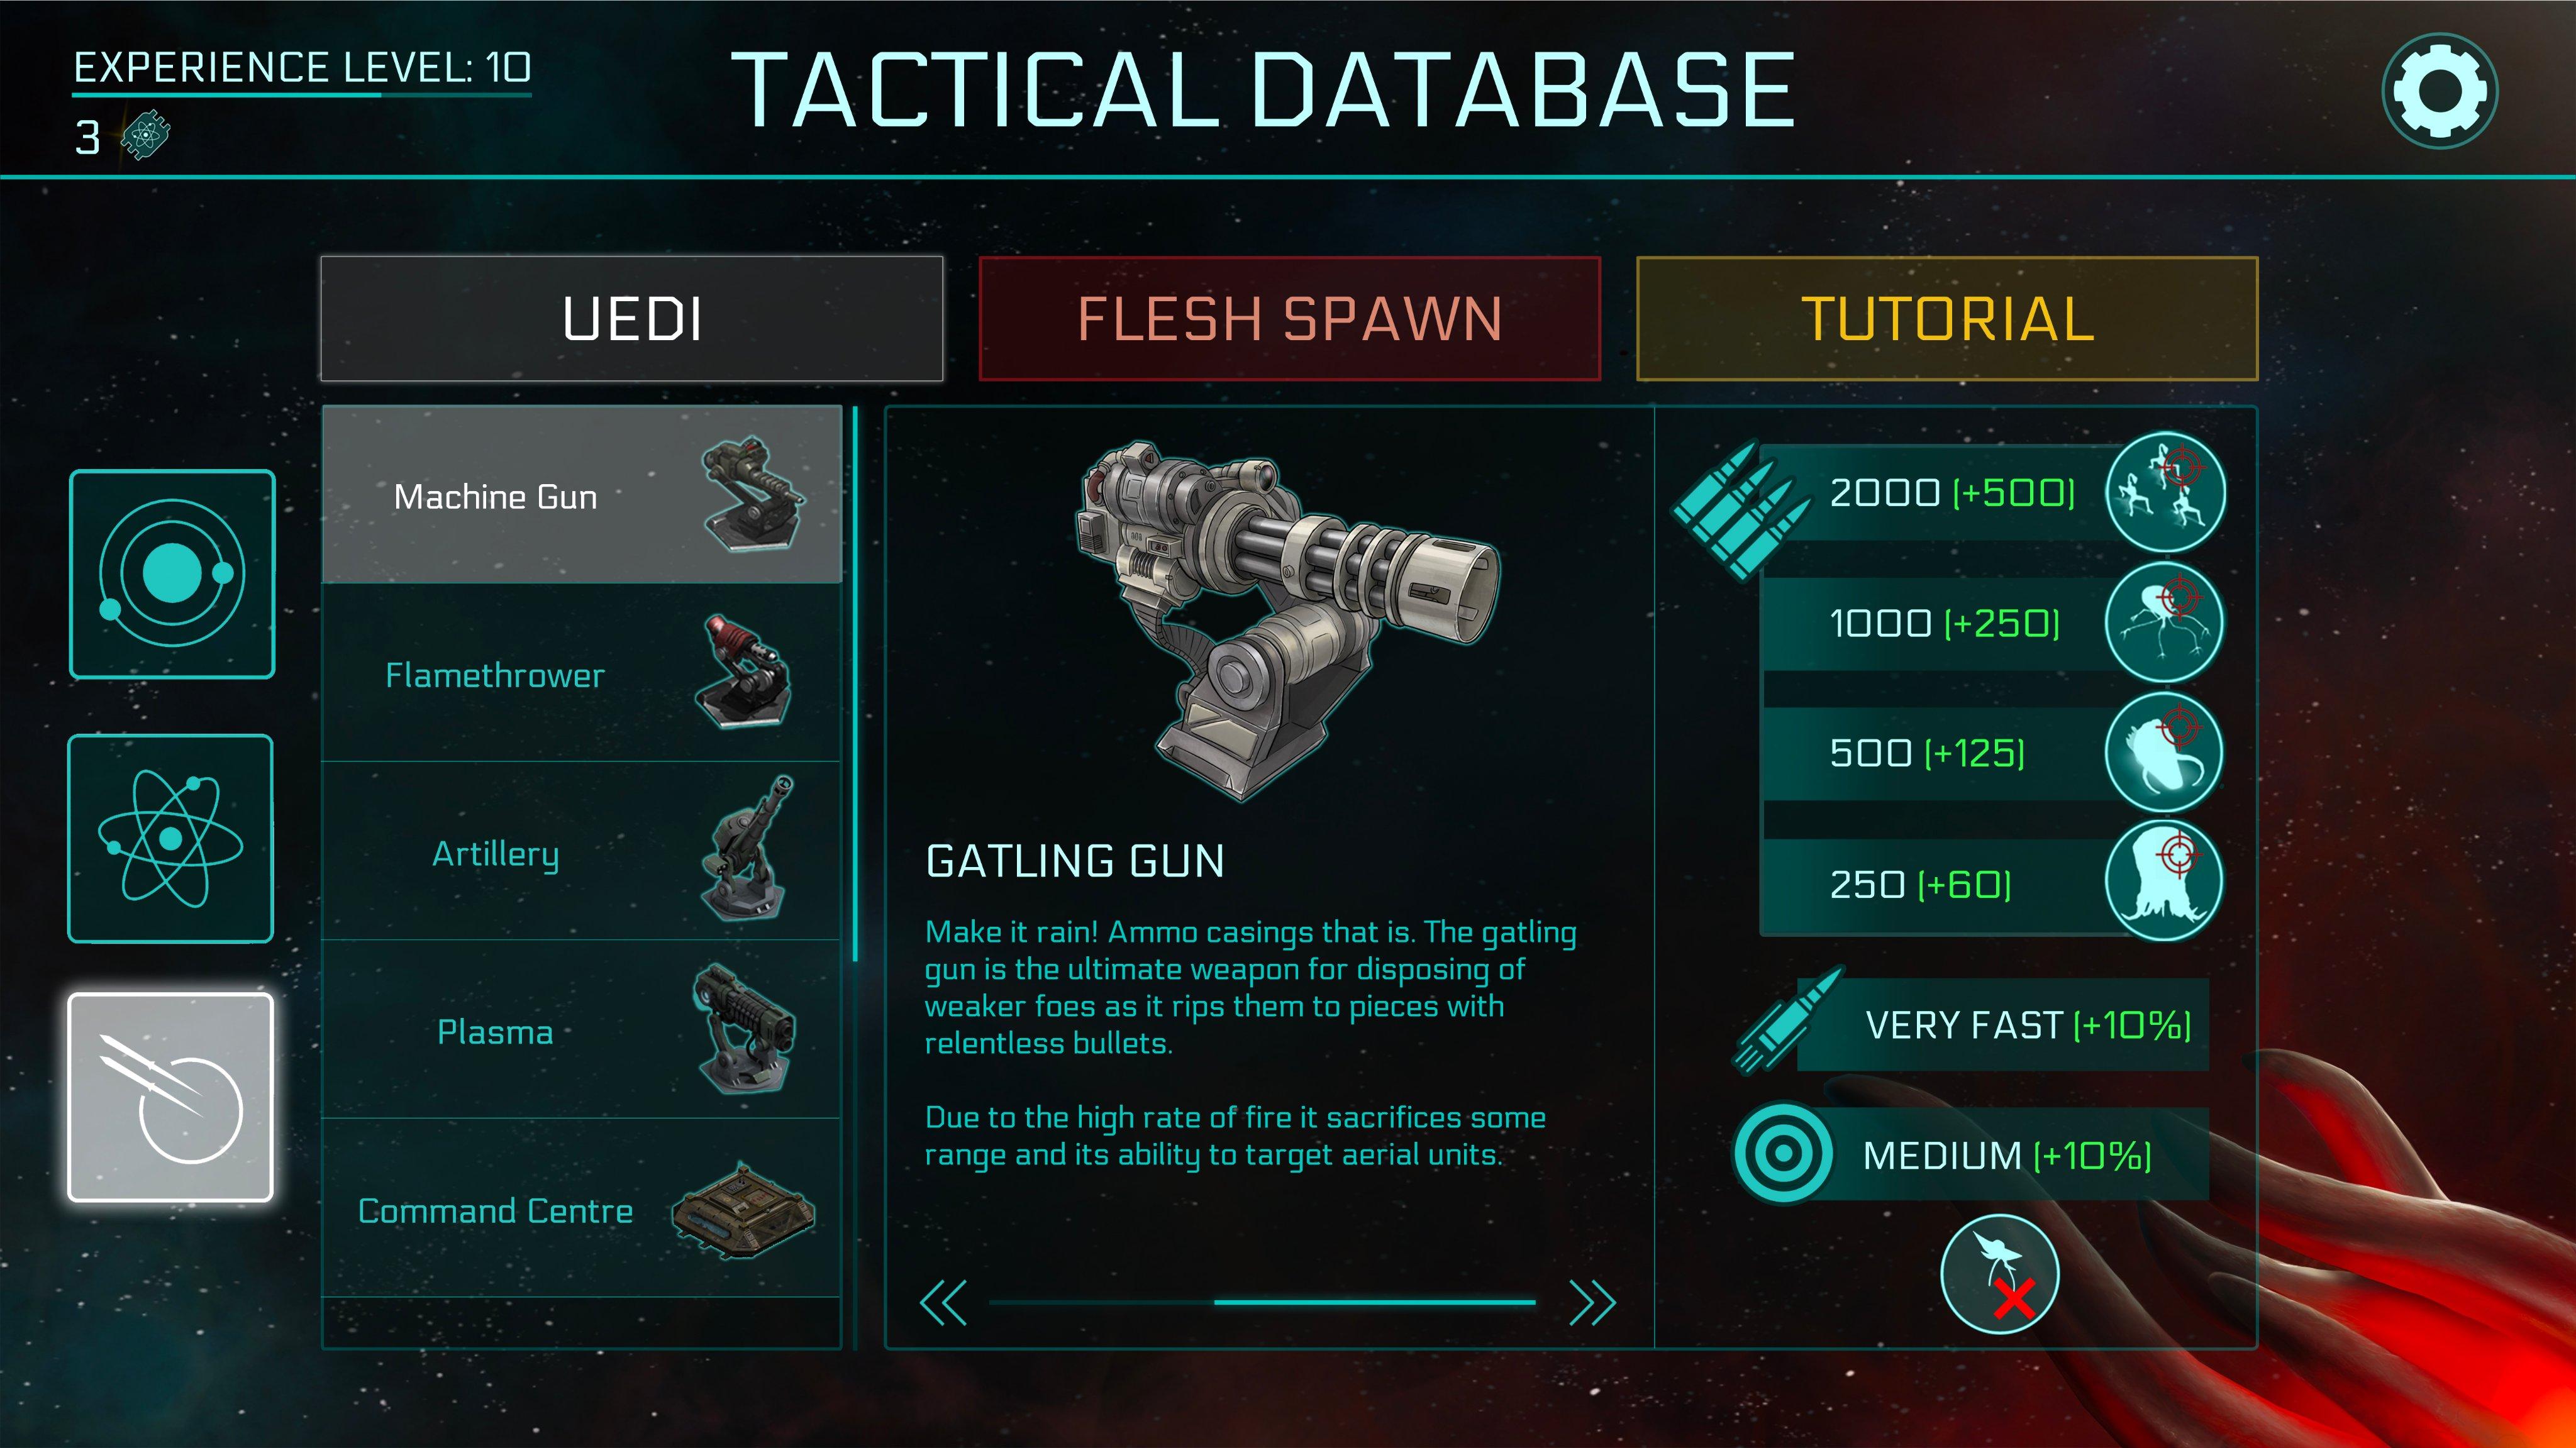 2112TD Tactical database overhaul